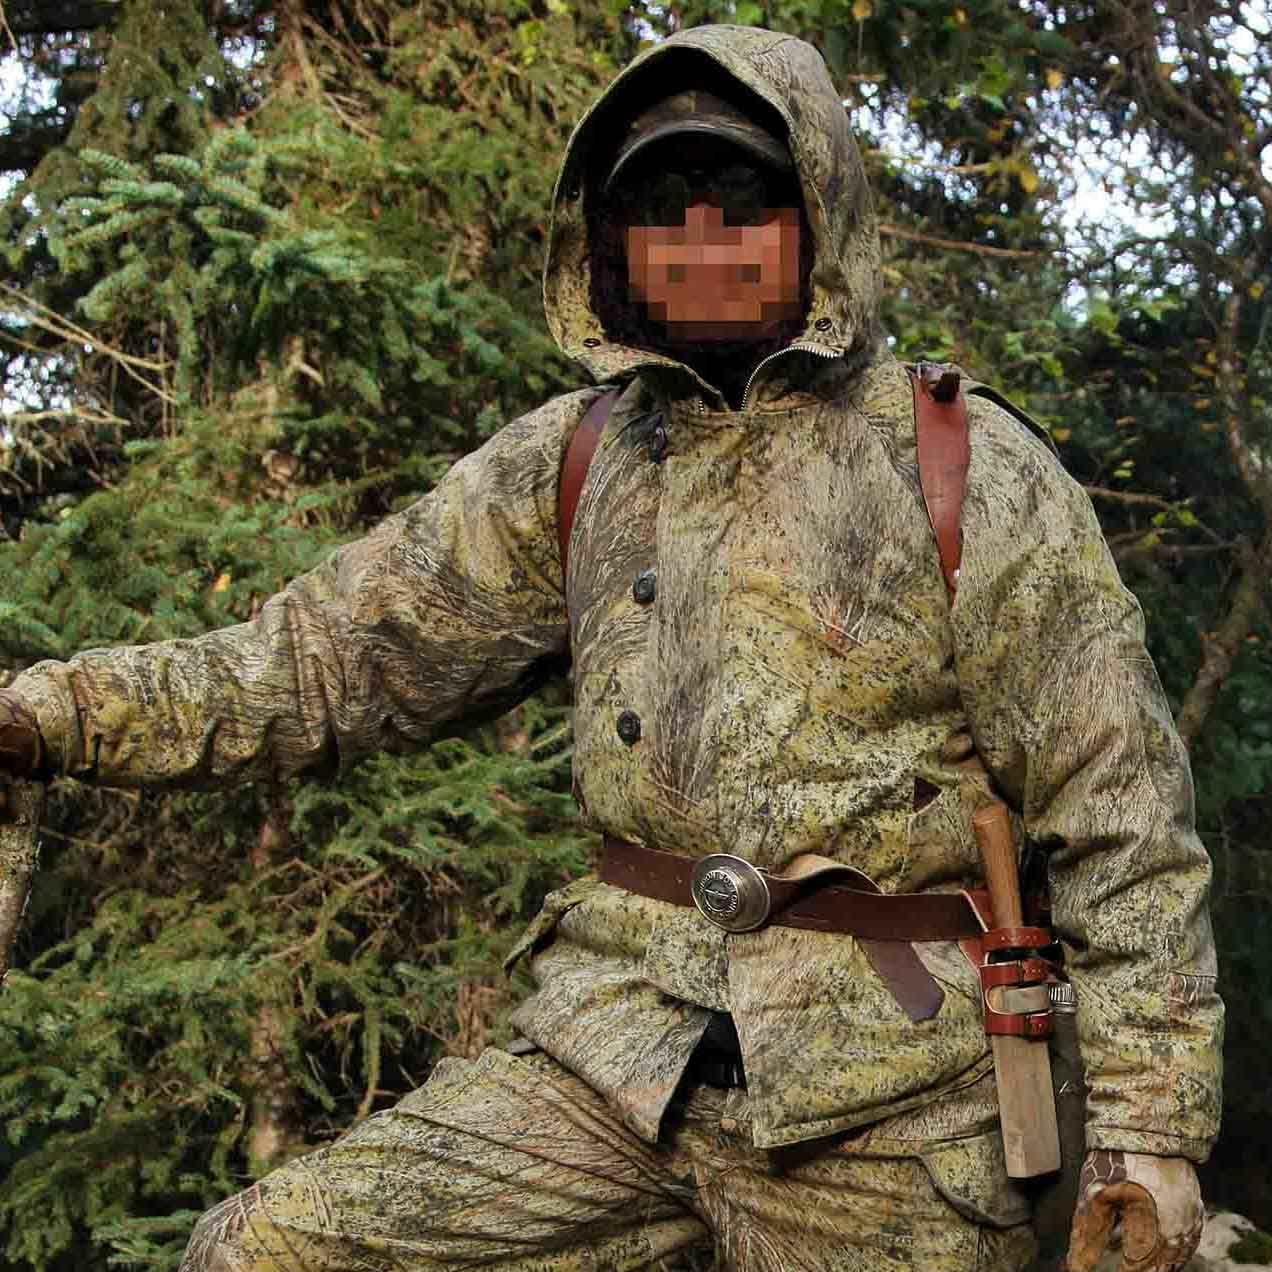 Wiese Gelände Außen Parkas Bionic Camouflage Winter Jacken Polizei Ripstop Bereich Mäntel